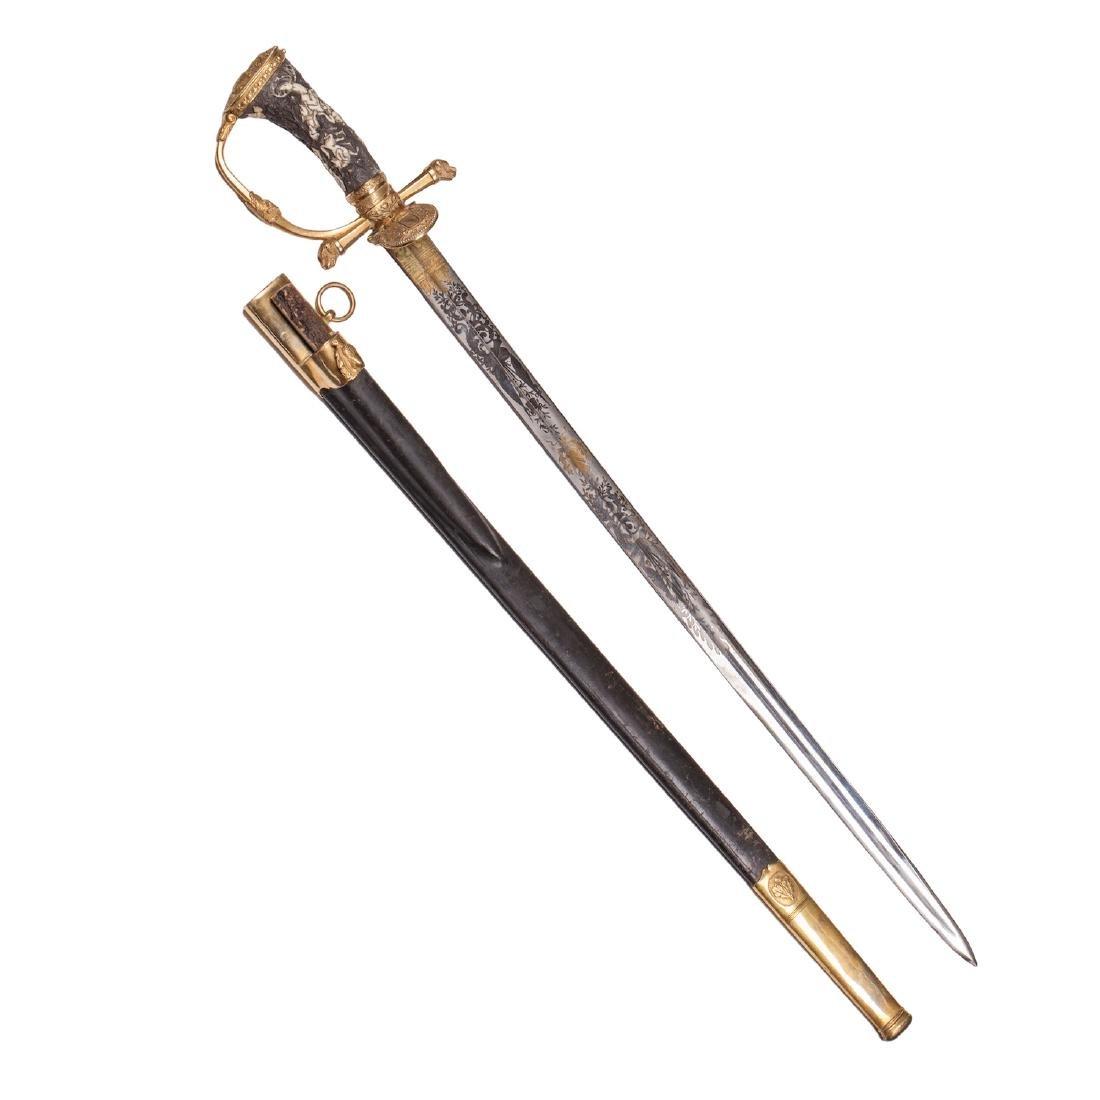 Hunting dagger with Grand Duke of Baden monogram - 3